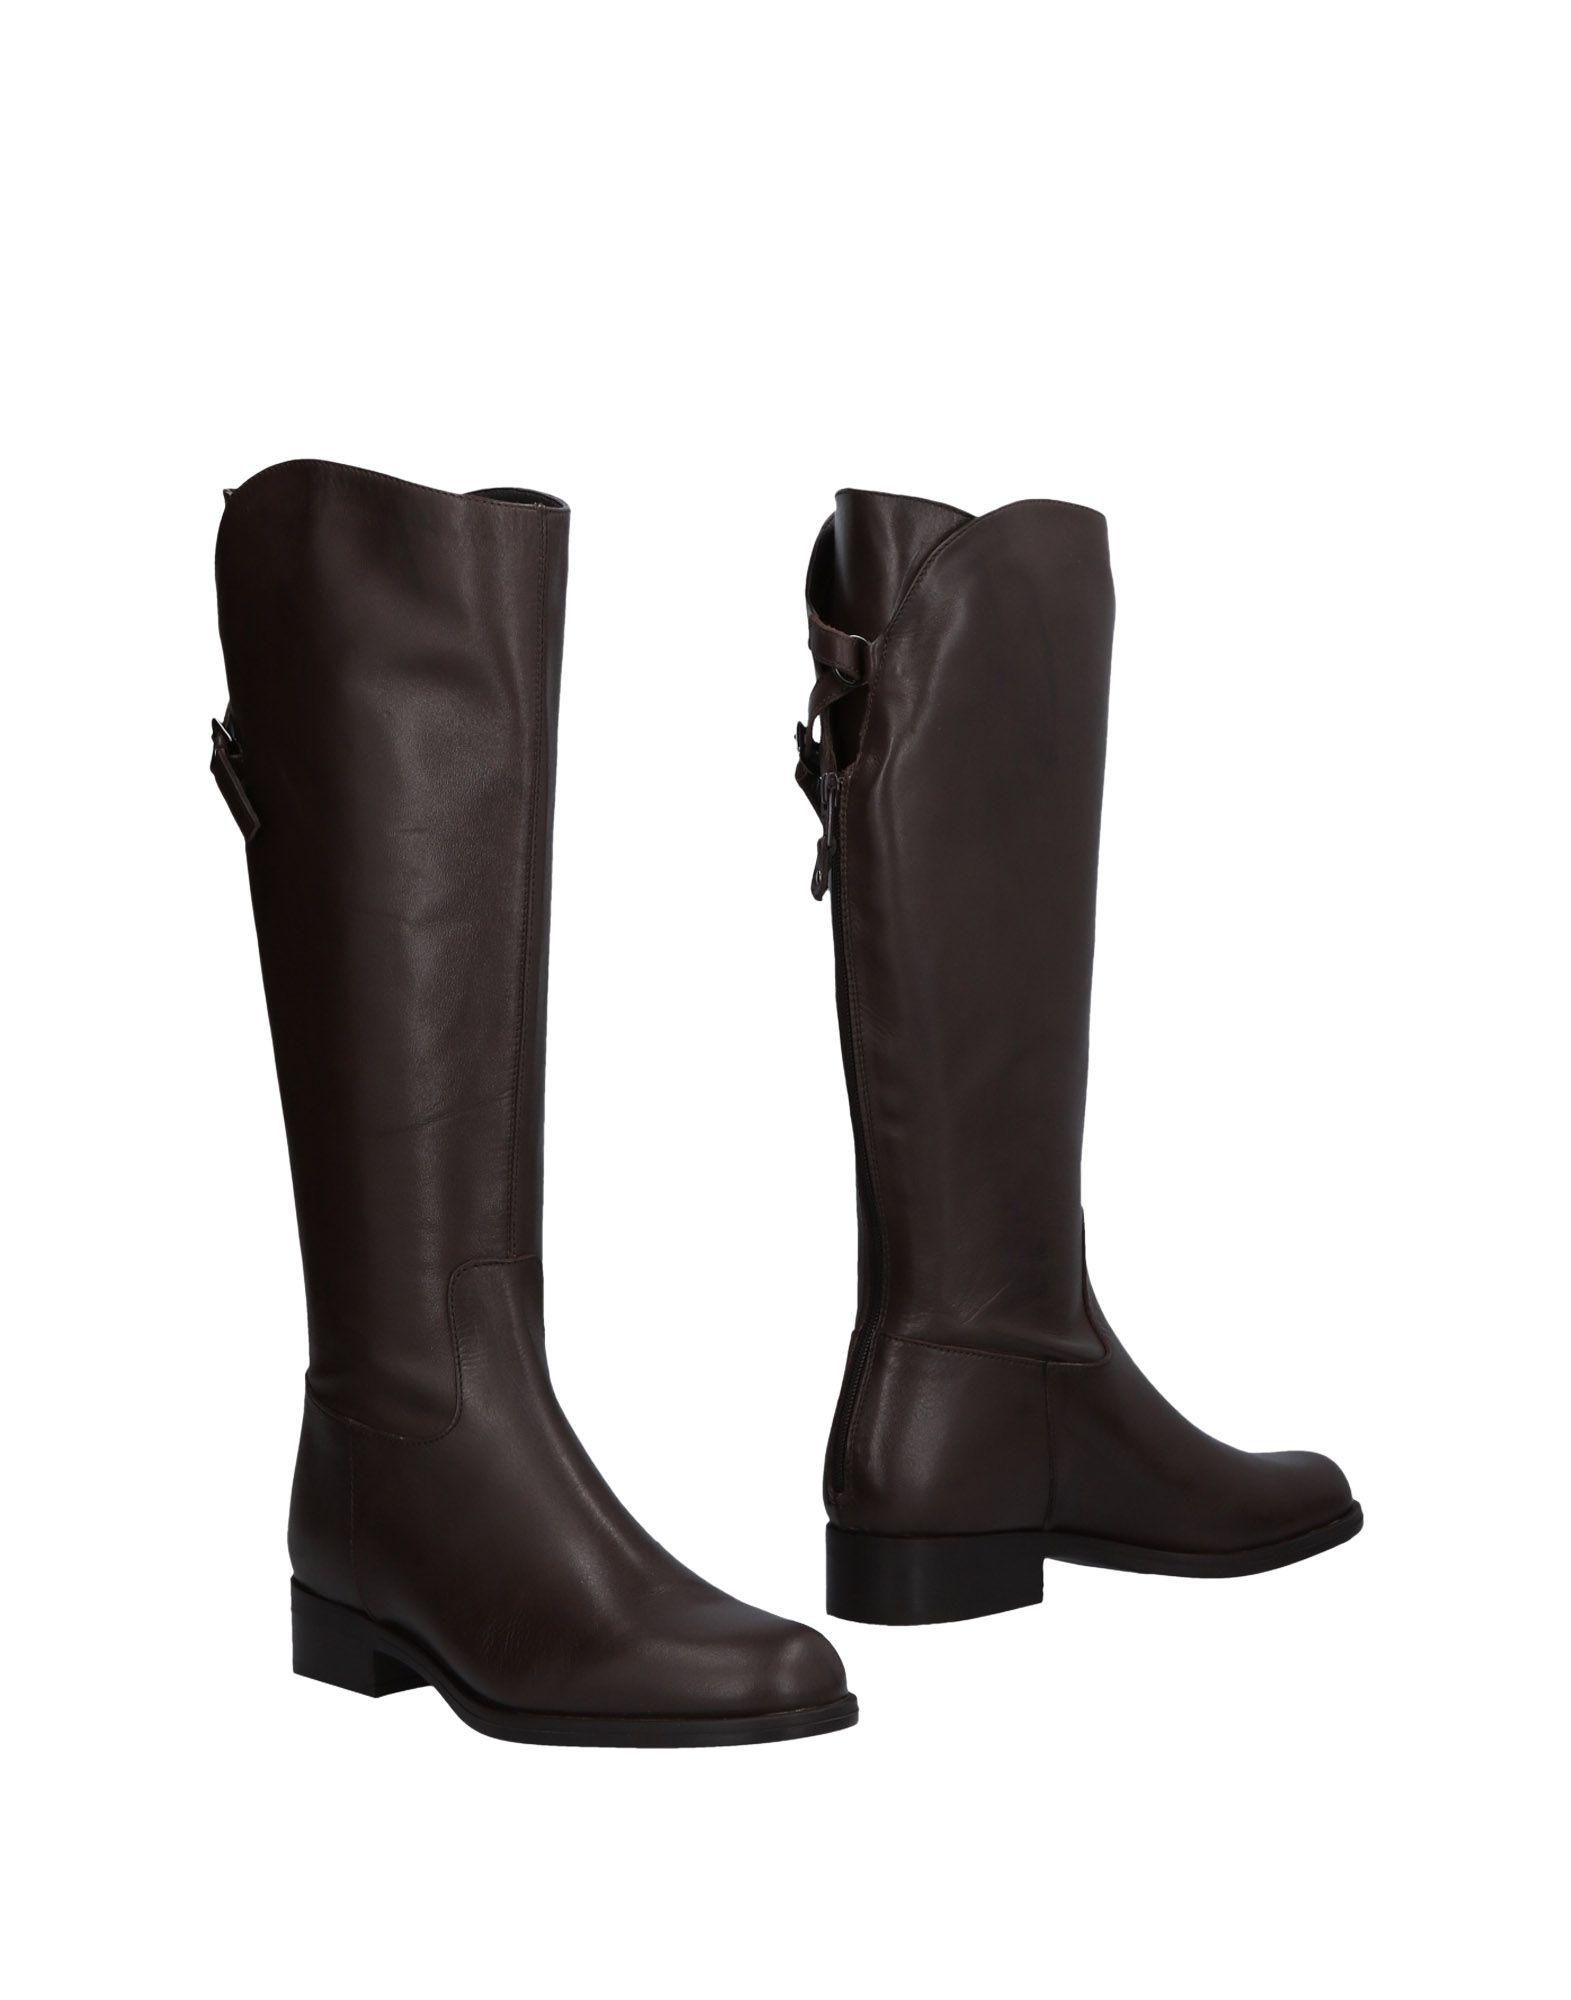 Billig-3710,Formentini Stiefel Damen es Gutes Preis-Leistungs-Verhältnis, es Damen lohnt sich 991ecb